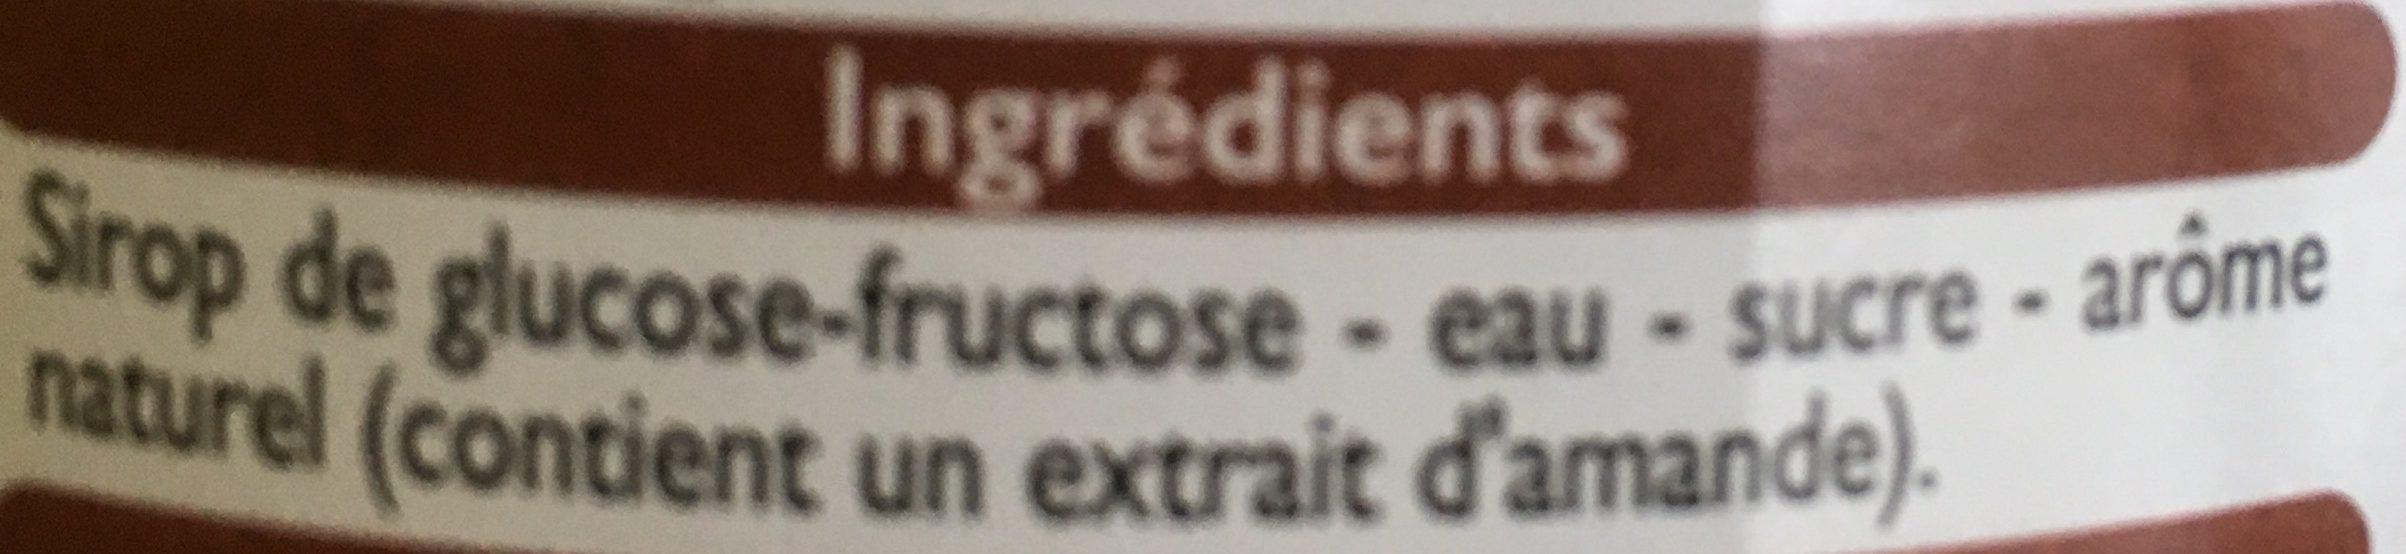 Sirop d'orgeat - Ingredienti - fr